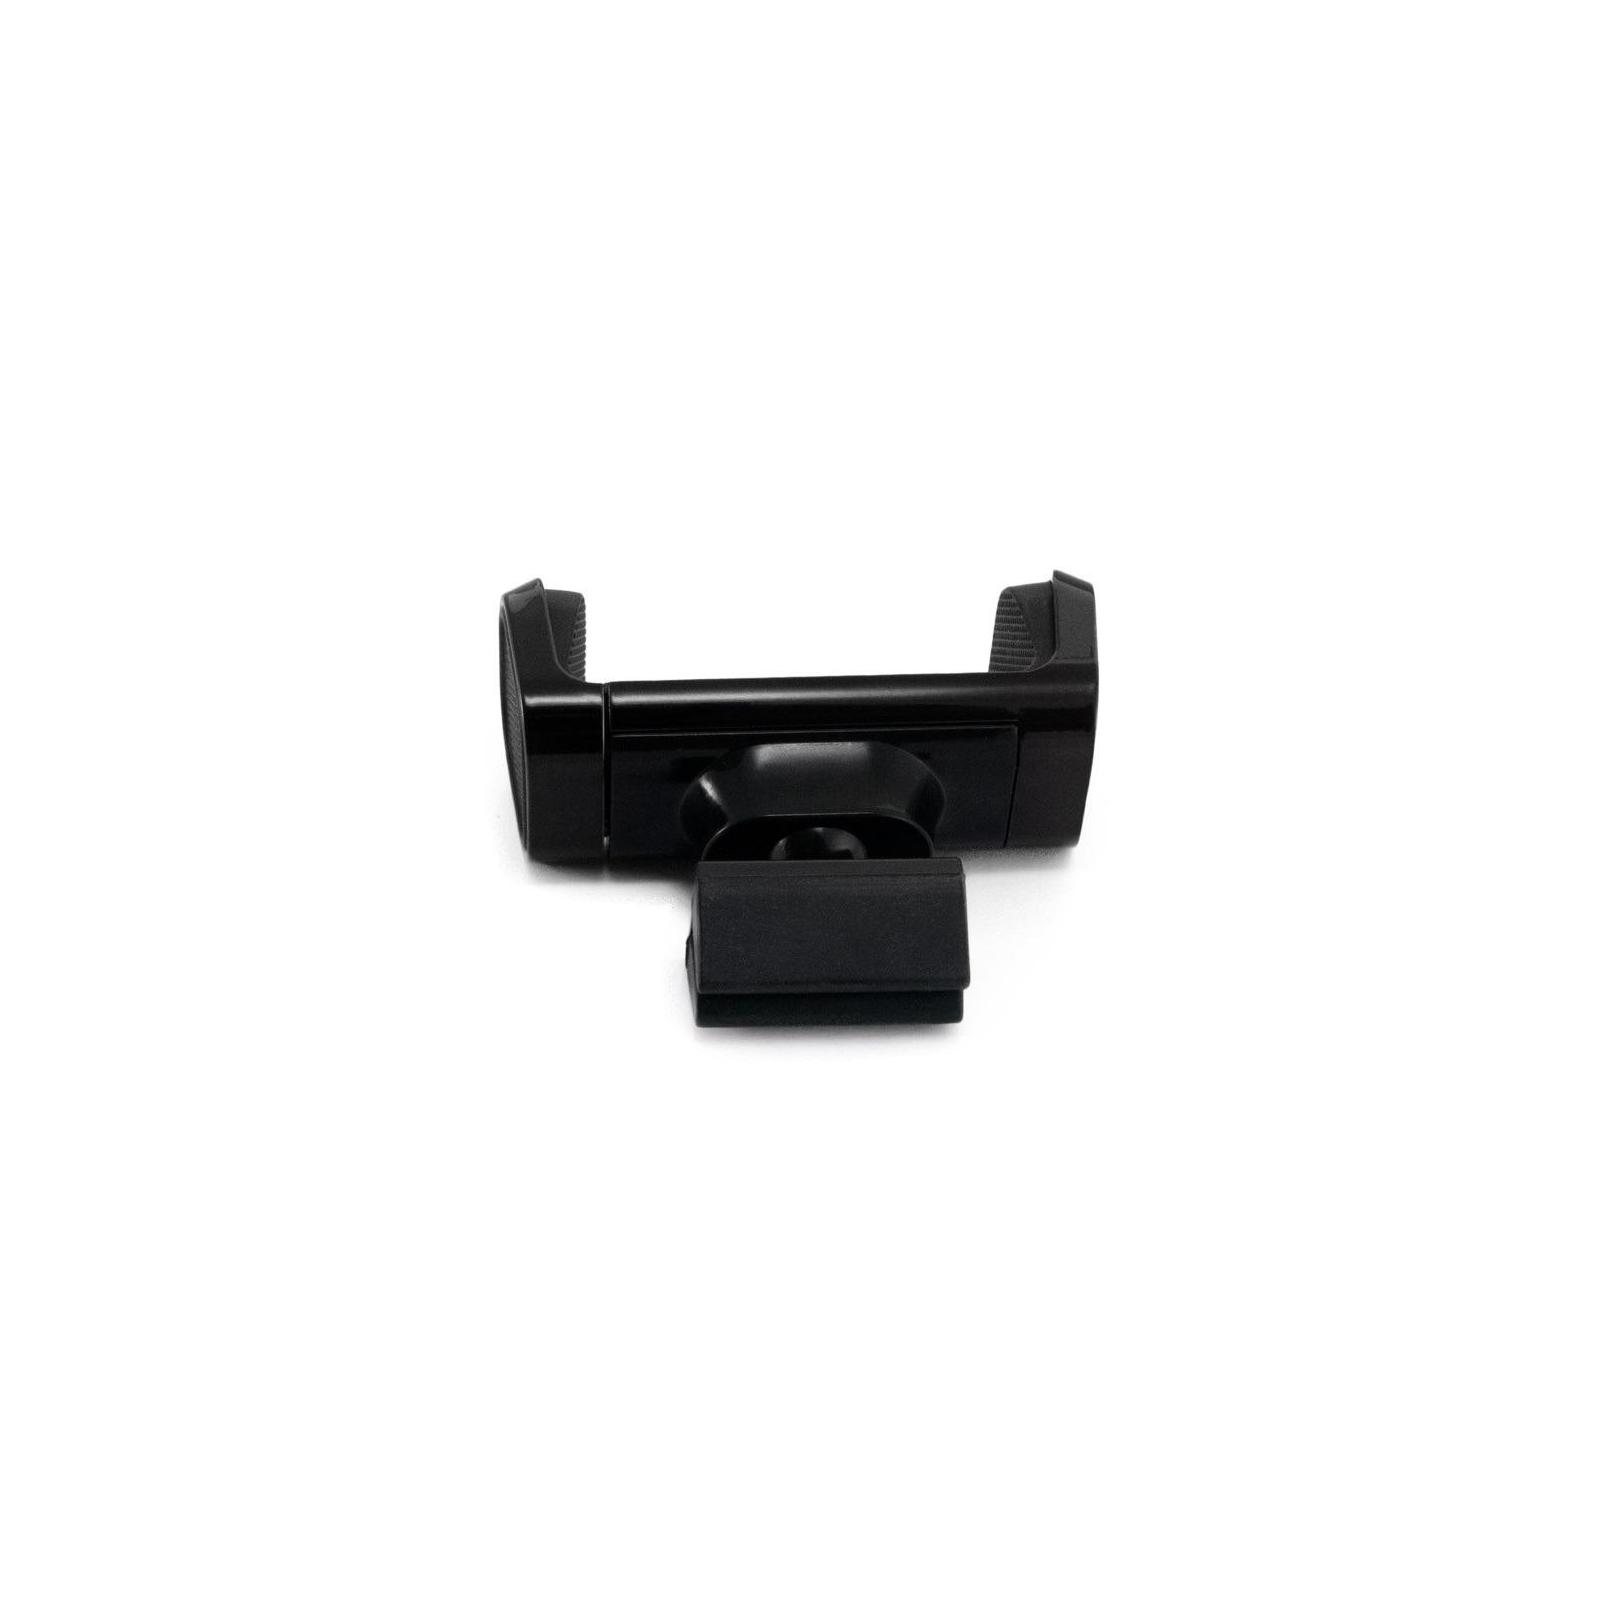 Универсальный автодержатель EXTRADIGITAL DashCrab Armour Premium Black (CRK4127) изображение 4